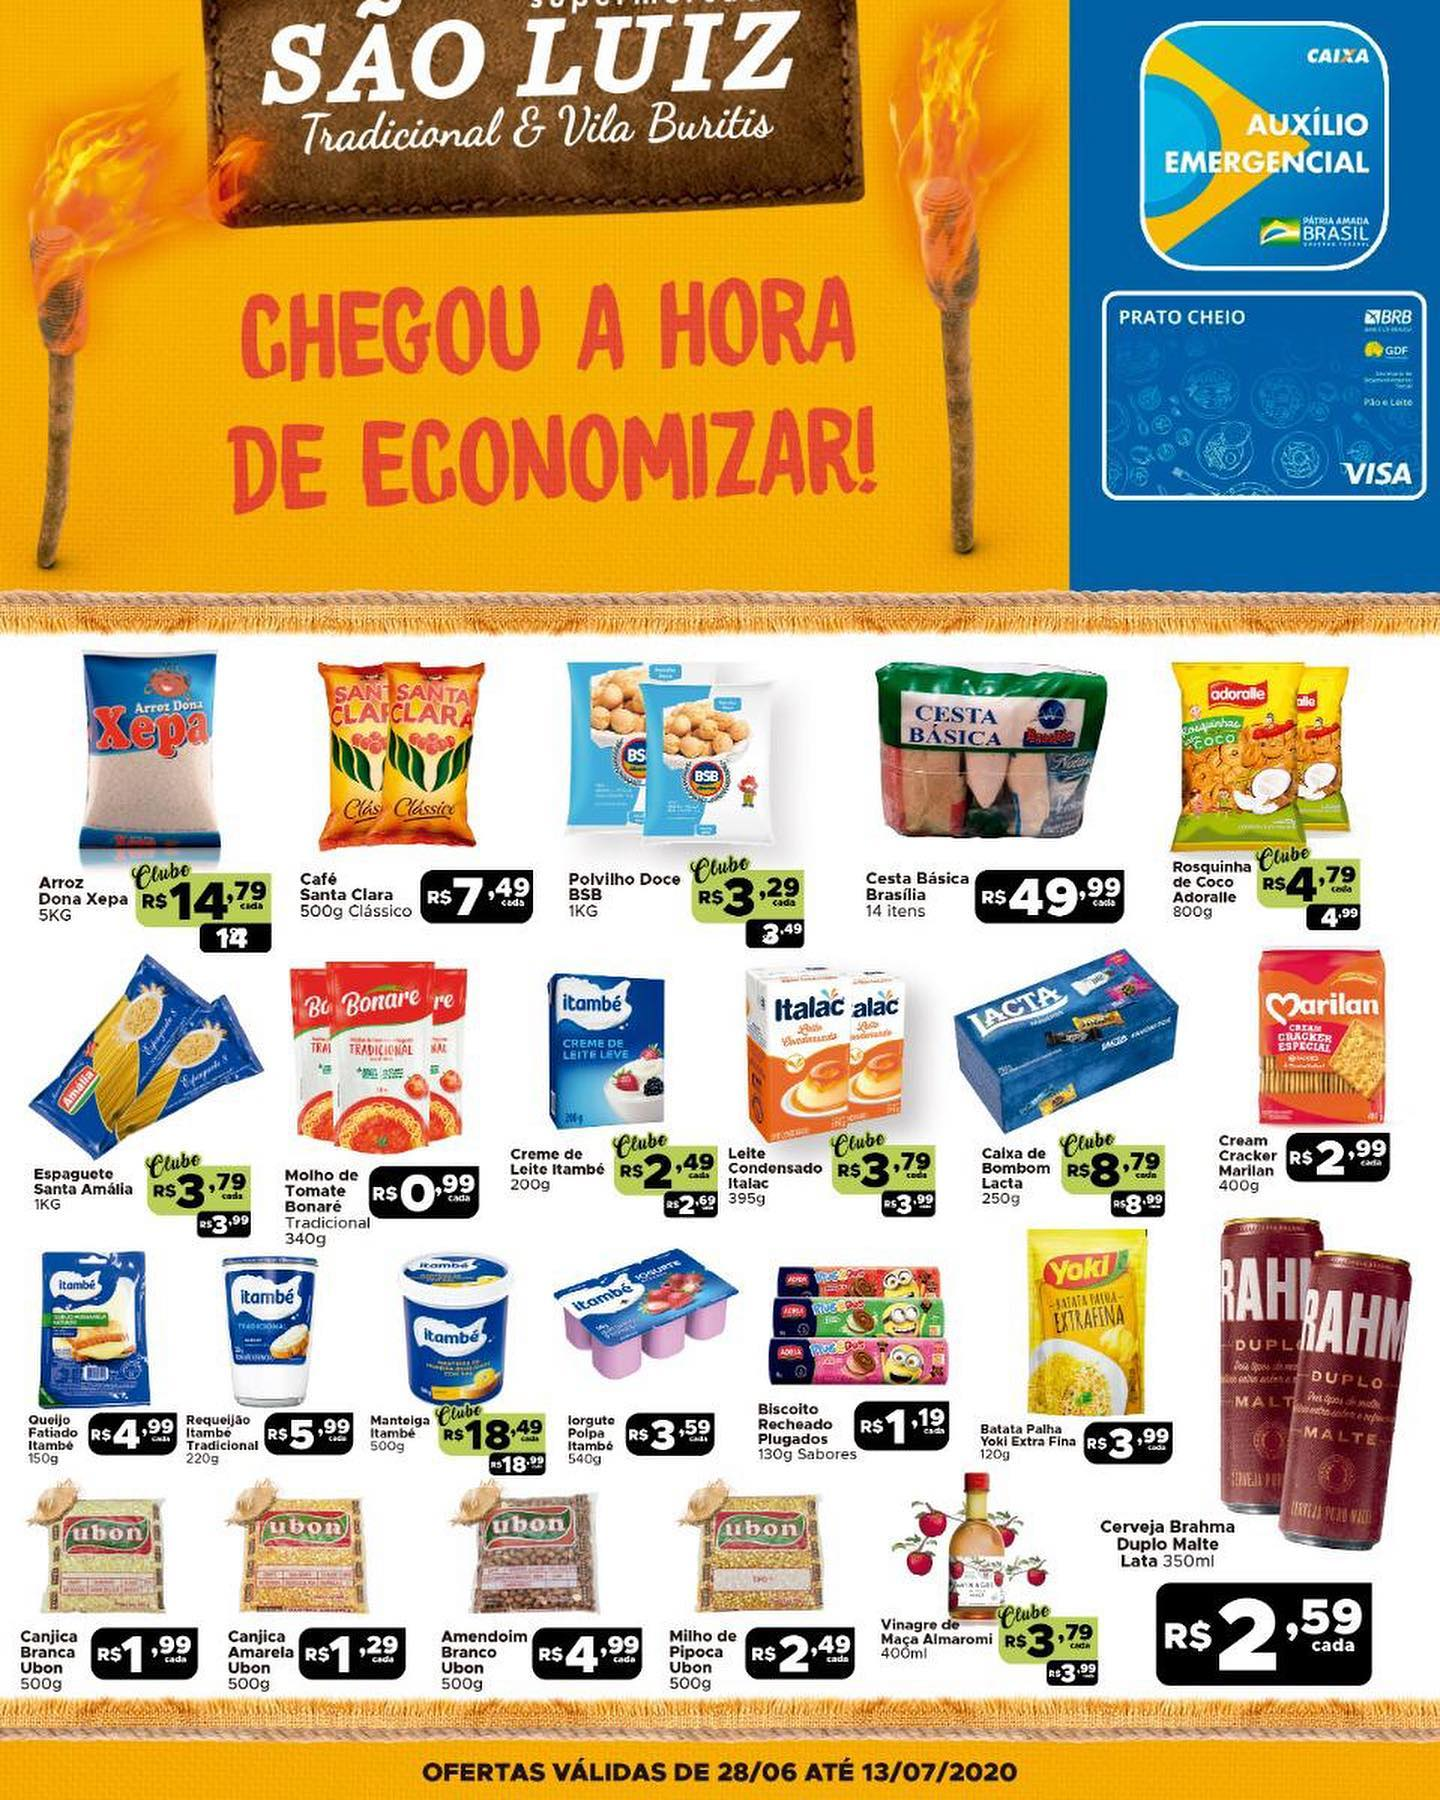 Ofertas supermercado SÂO LUIZ vence 13-07-1